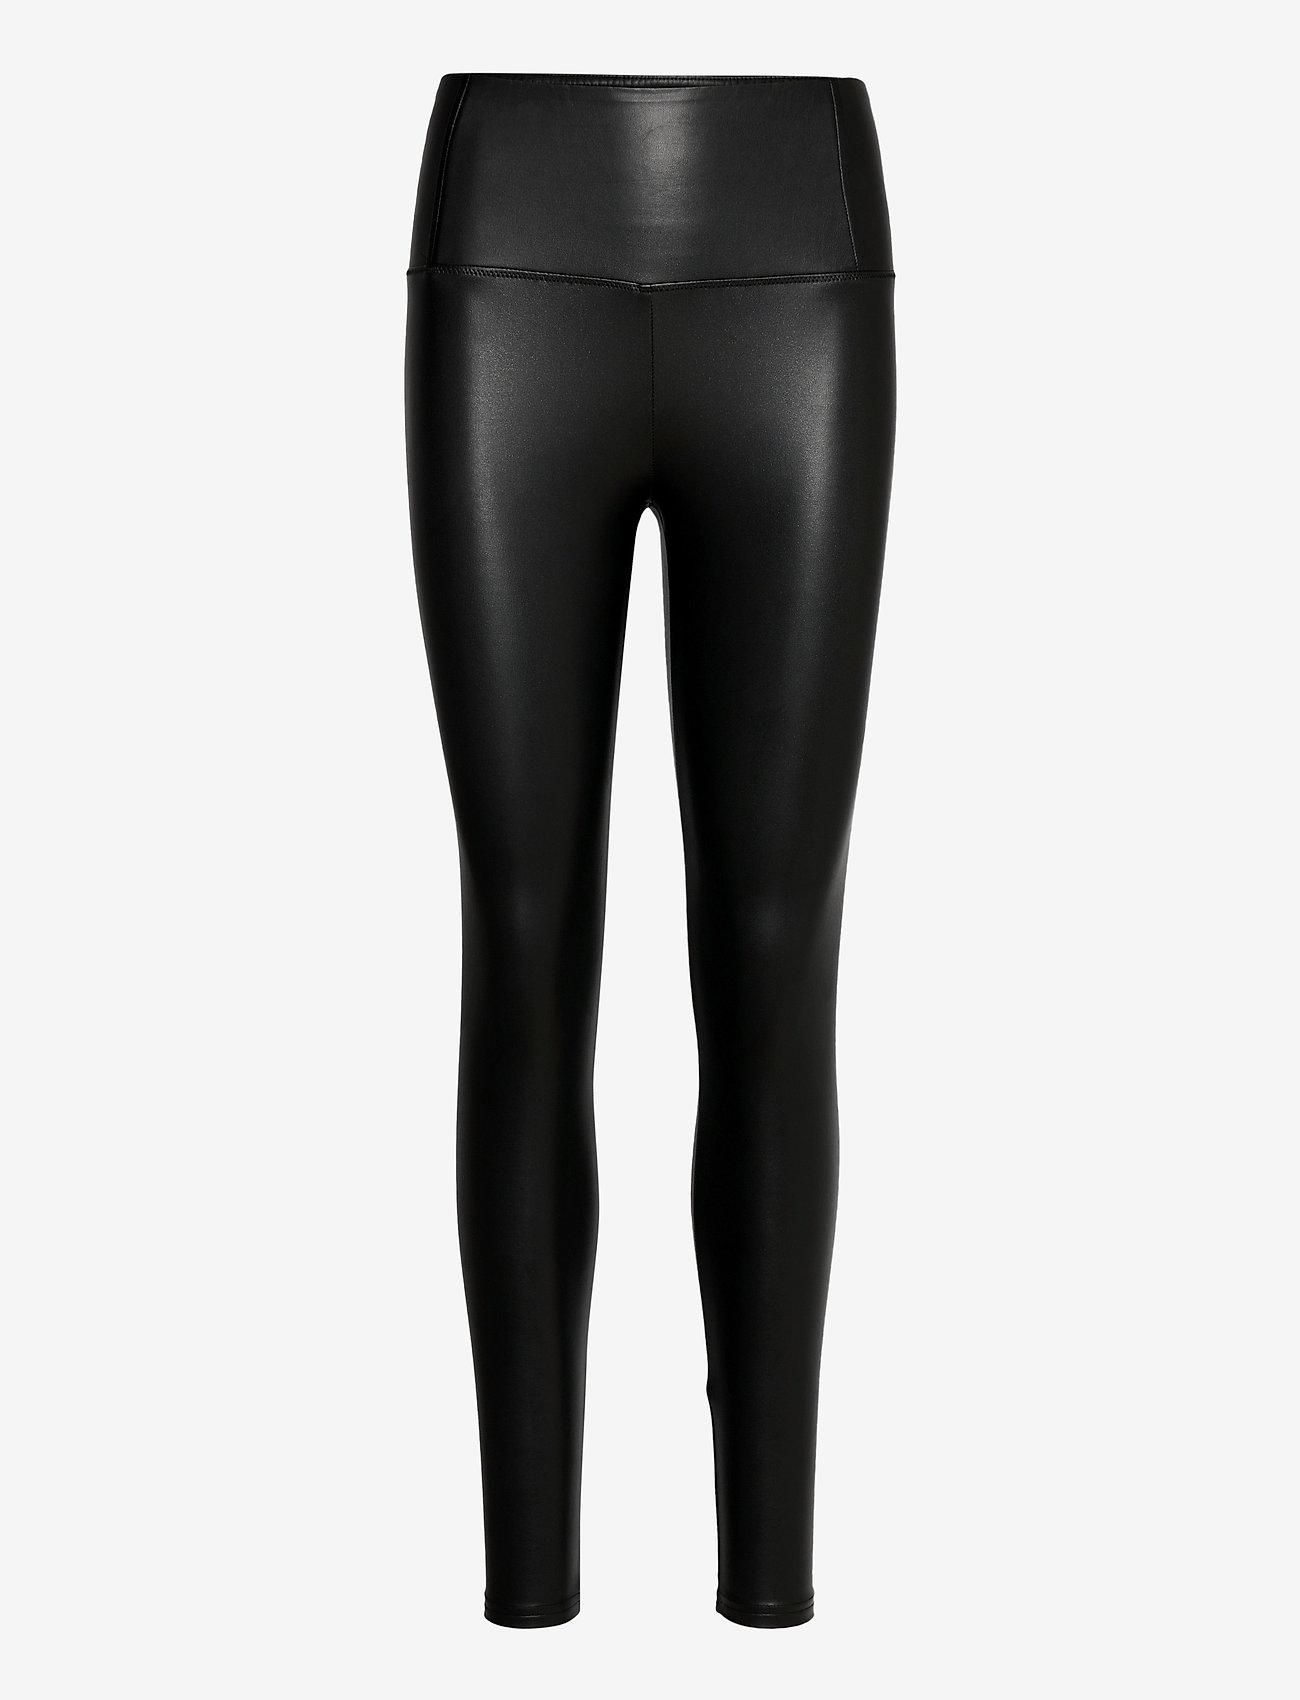 AllSaints - CORA LEGGINGS - læderbukser - black - 1